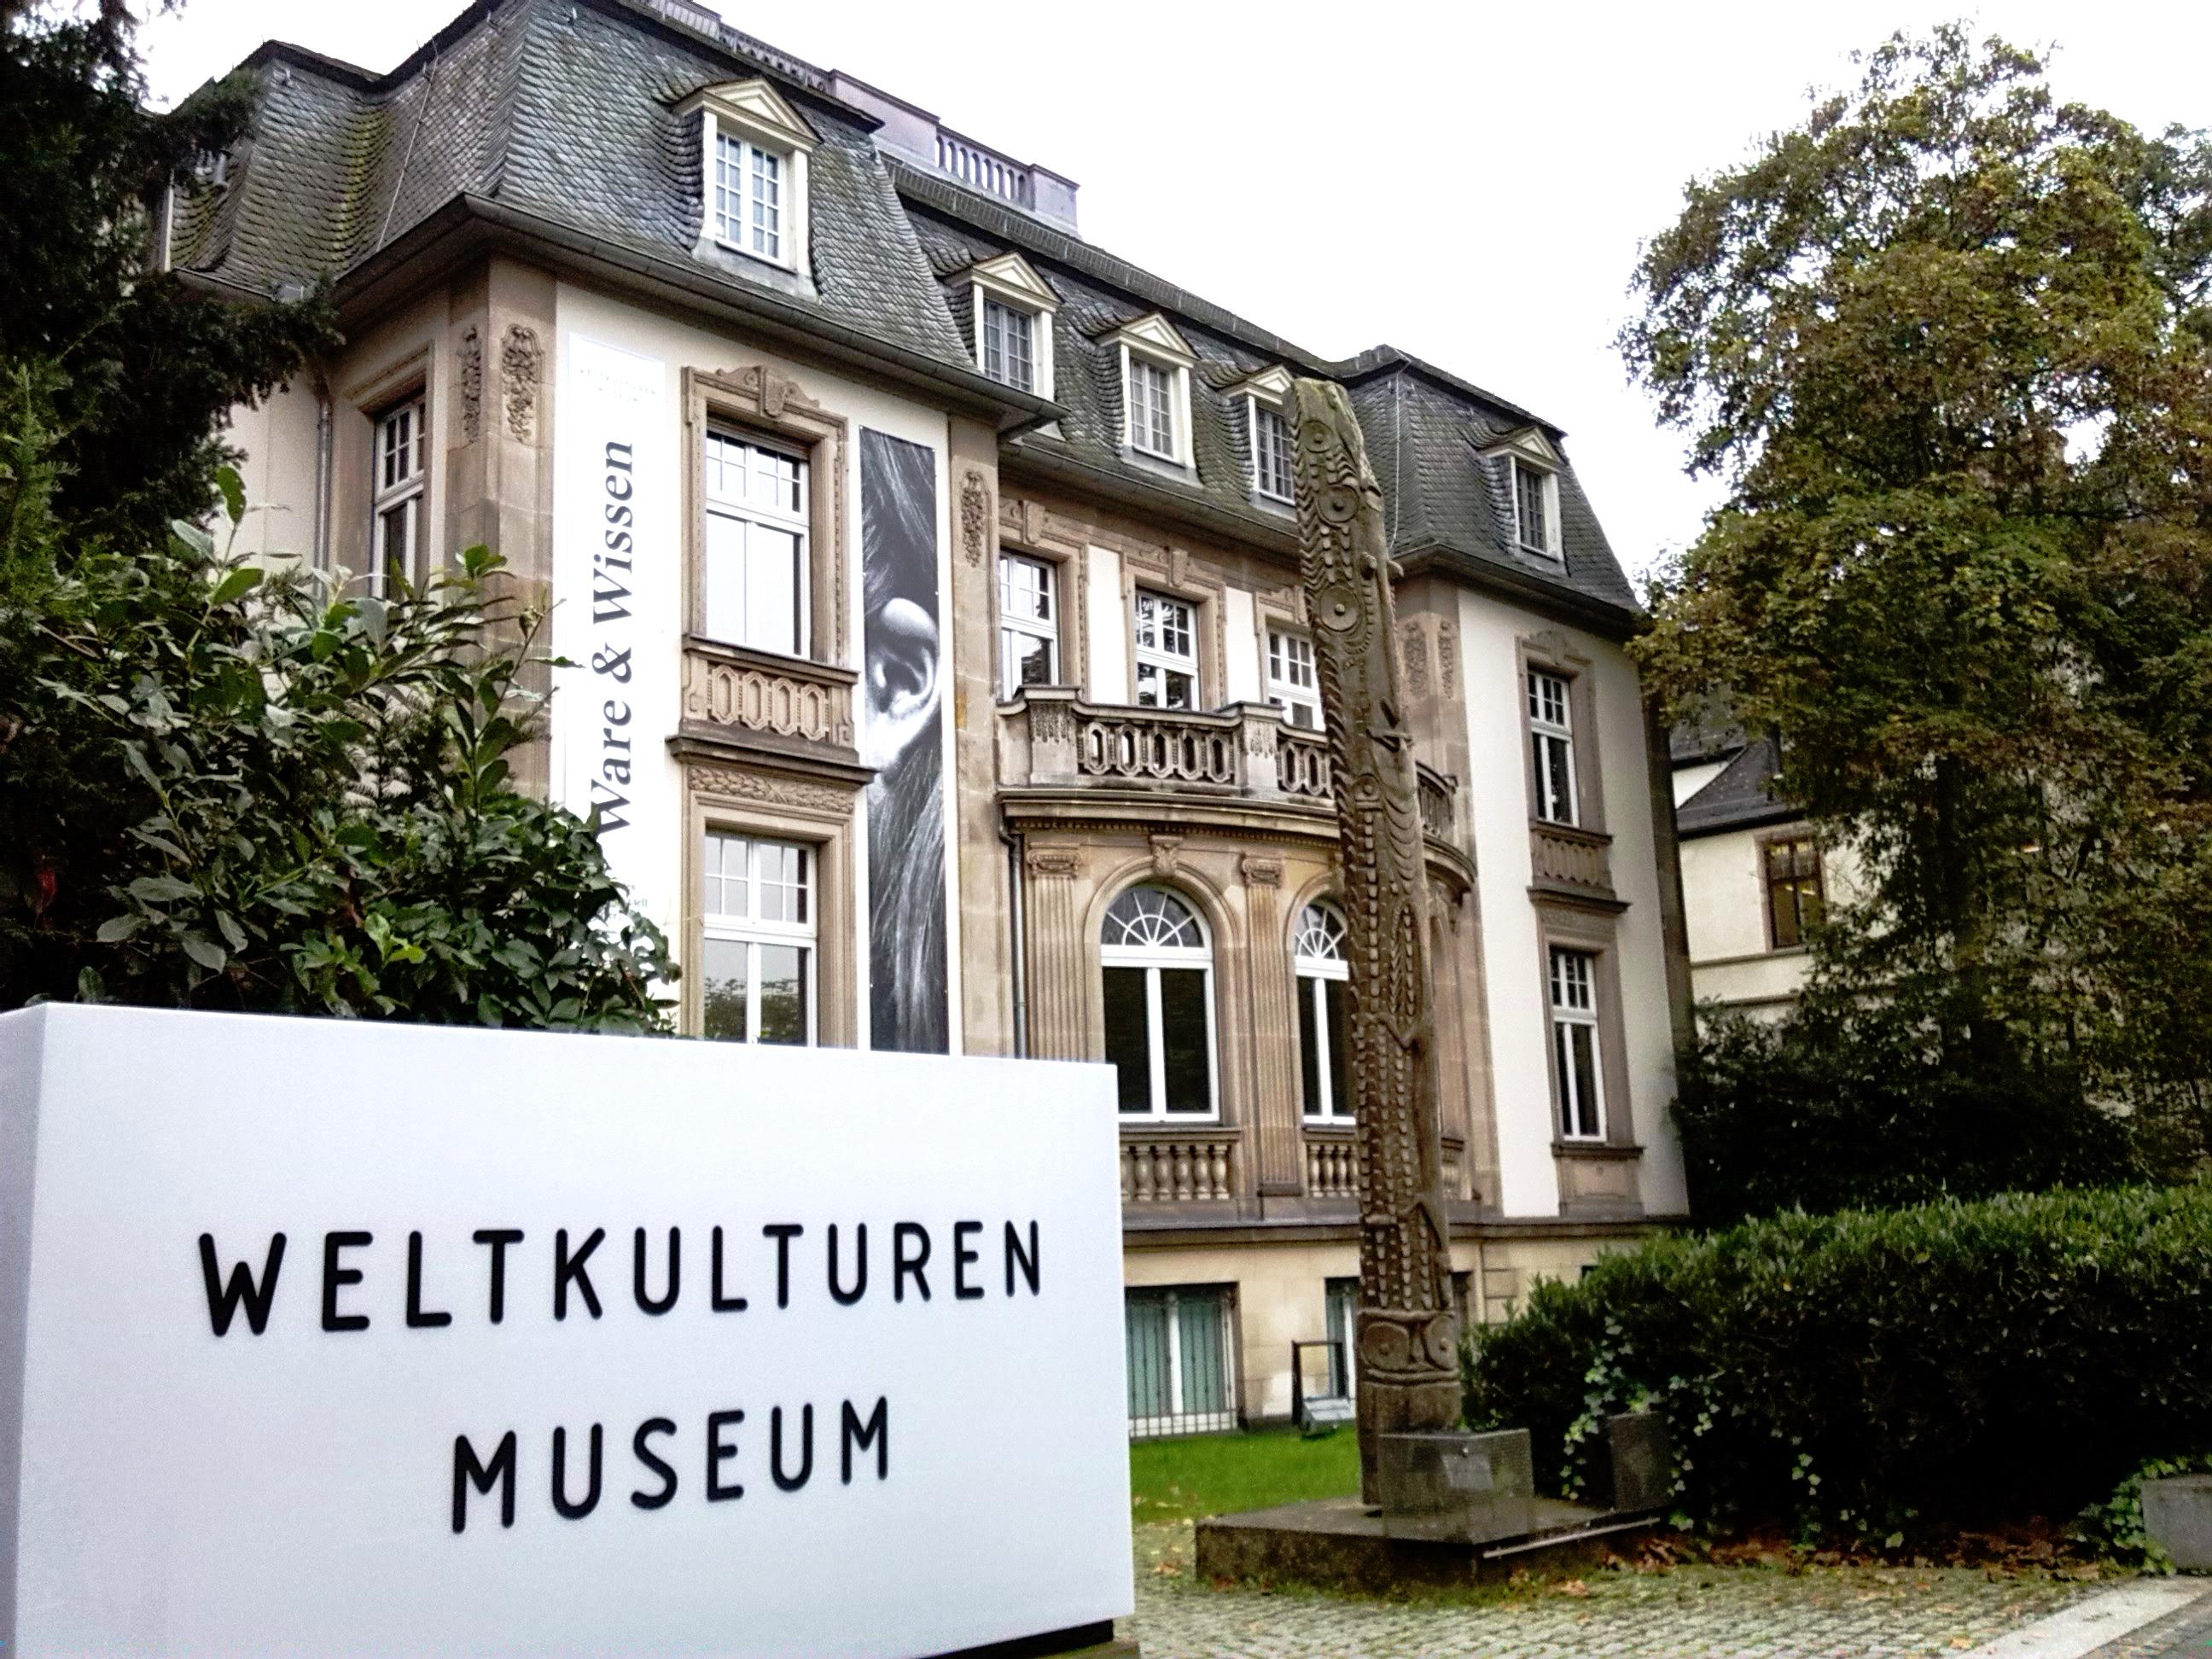 Weltkulturen-Museum-1